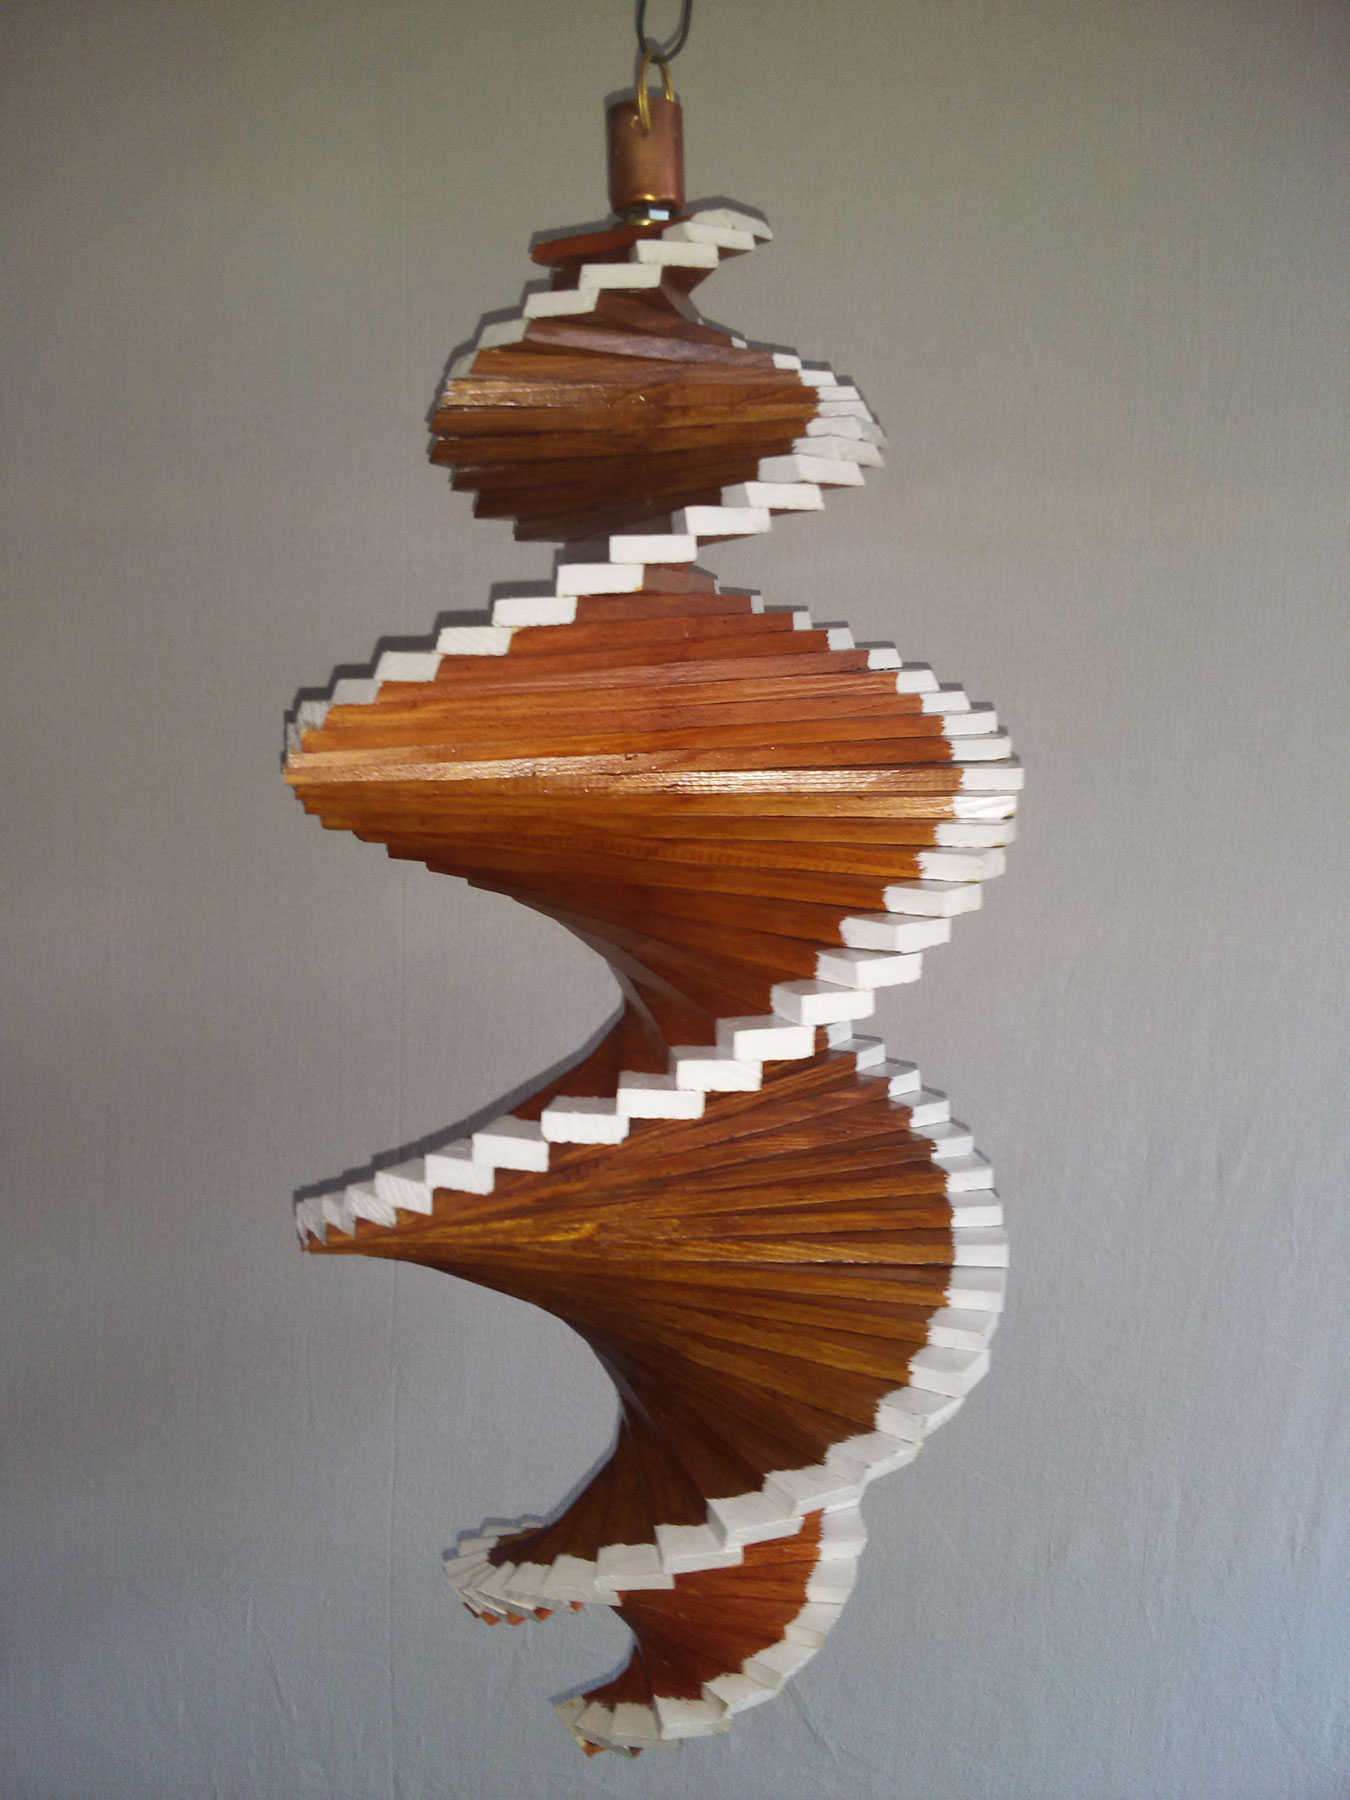 windspiel aus holz windspirale holzspirale l nge 55 cm lackiert teak nu baum beide. Black Bedroom Furniture Sets. Home Design Ideas